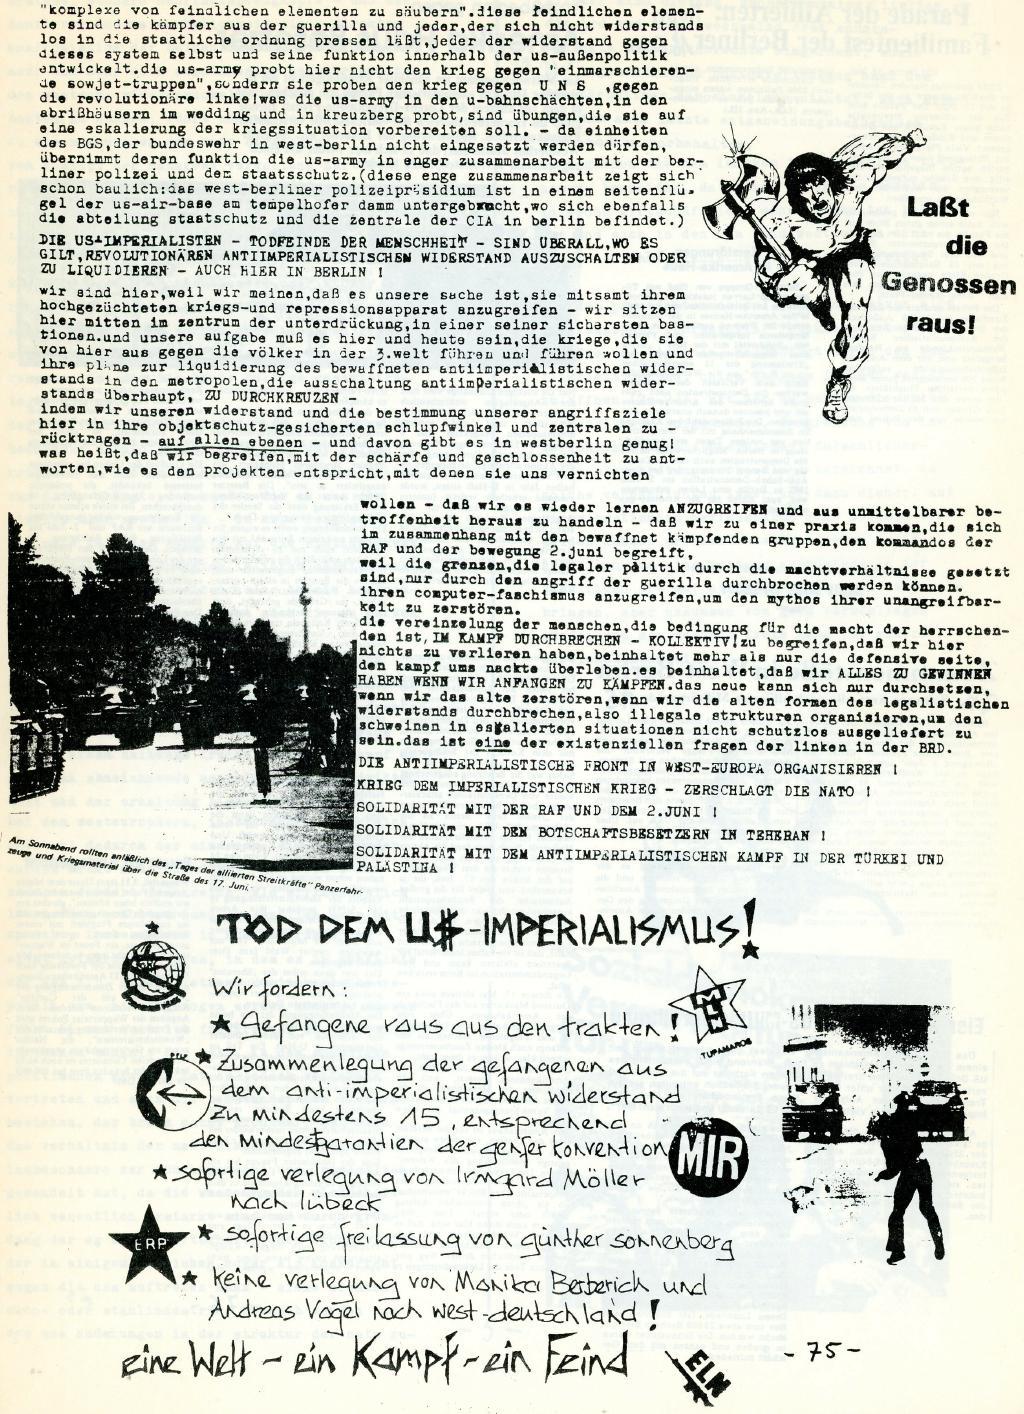 Bremen_1980_NATO_Broschuere_75